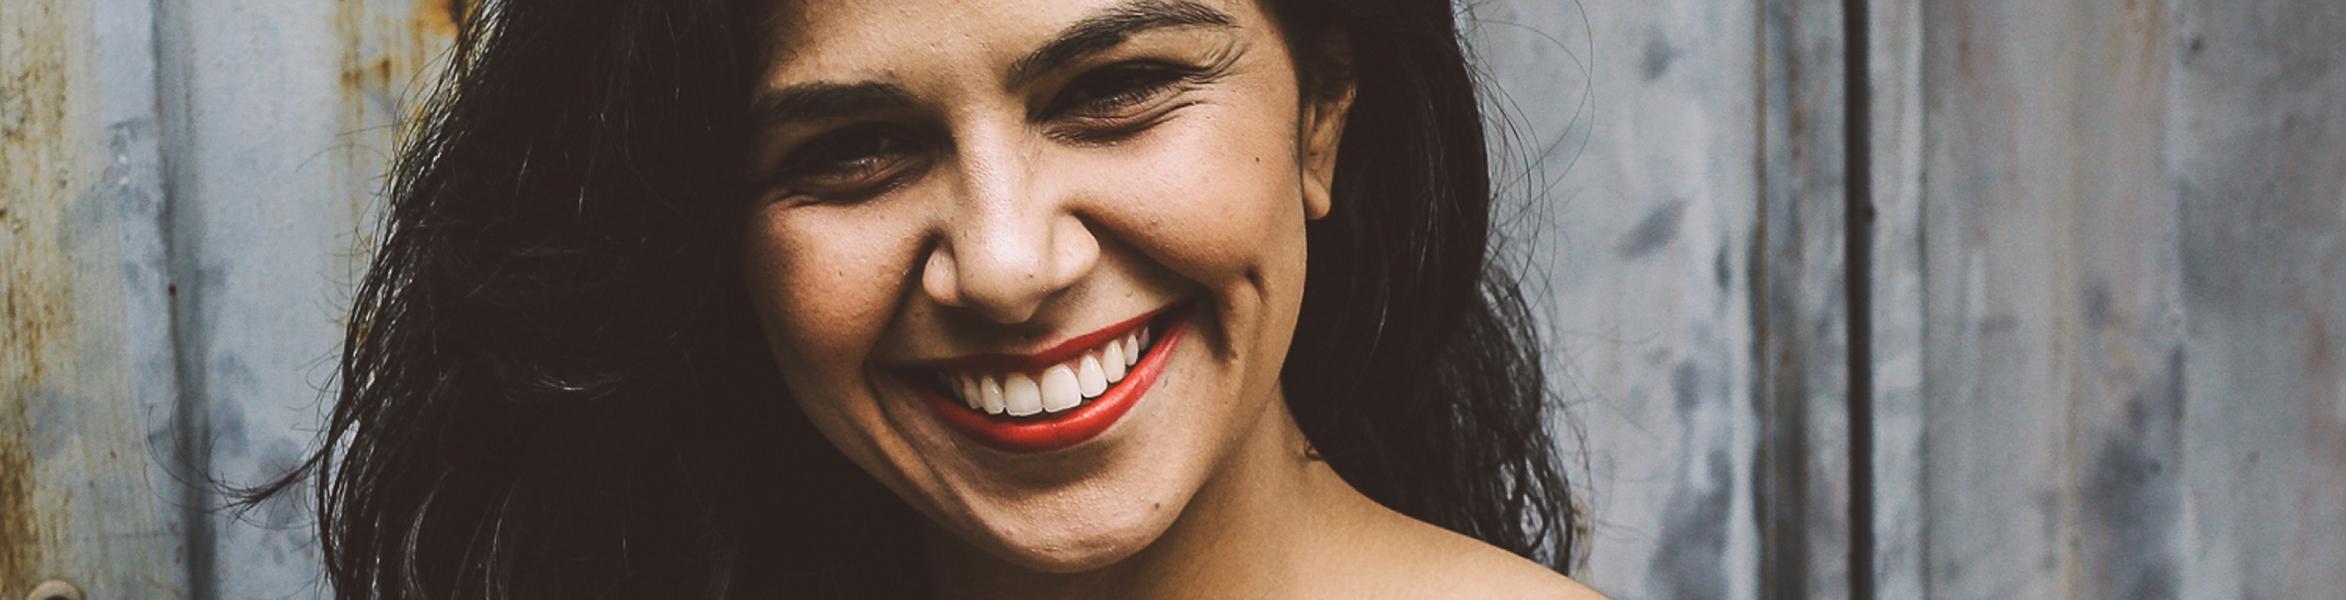 Imagen de cabecera de la página de Ortodoncia, uno de los tratamientos que ofrece la Clínica Dental Guisasola en Eibar.